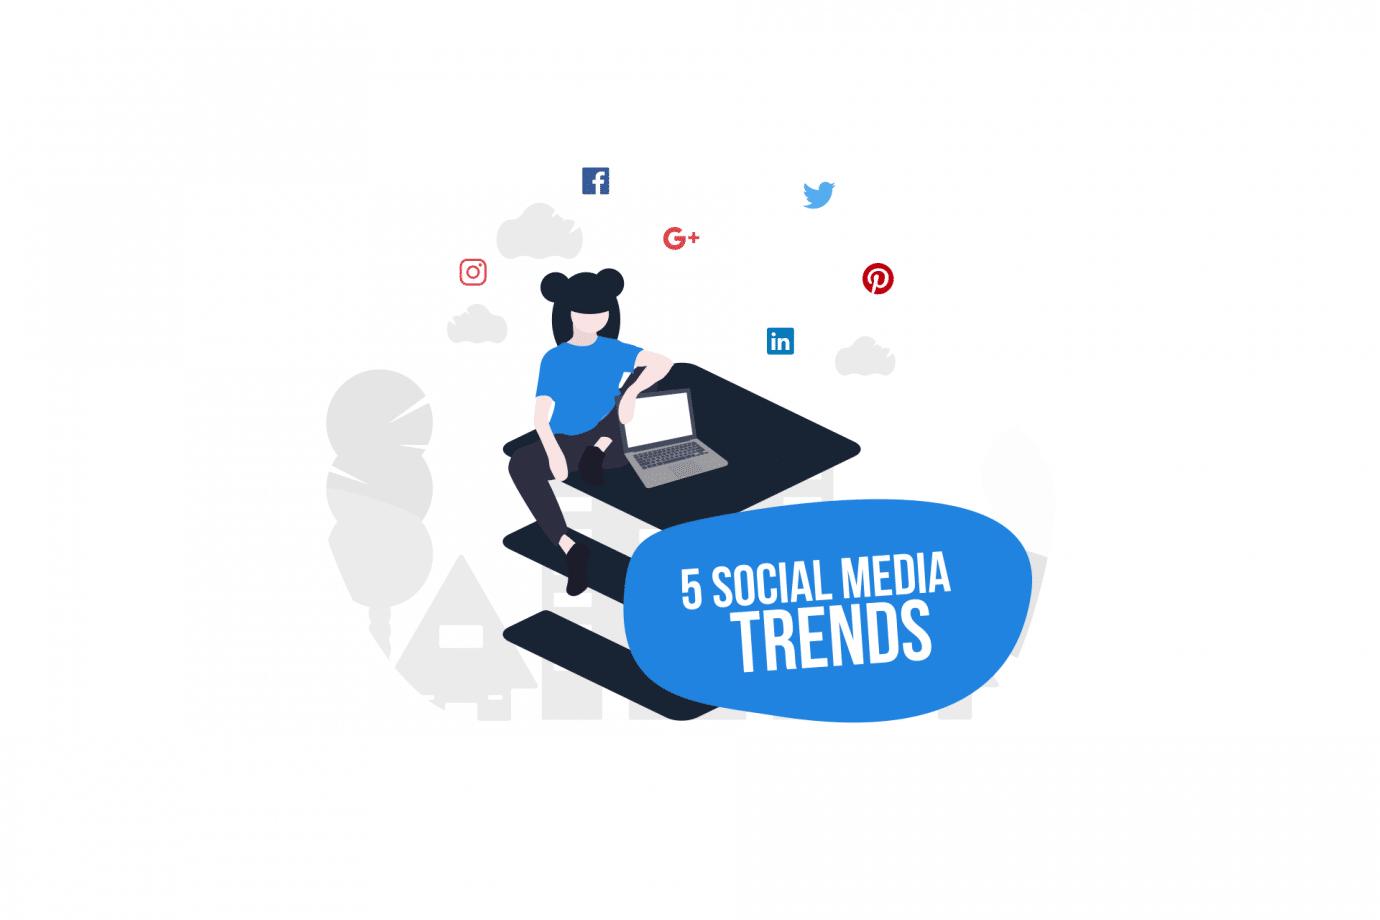 5 Social Media Trends for 3rd Quarter 2017